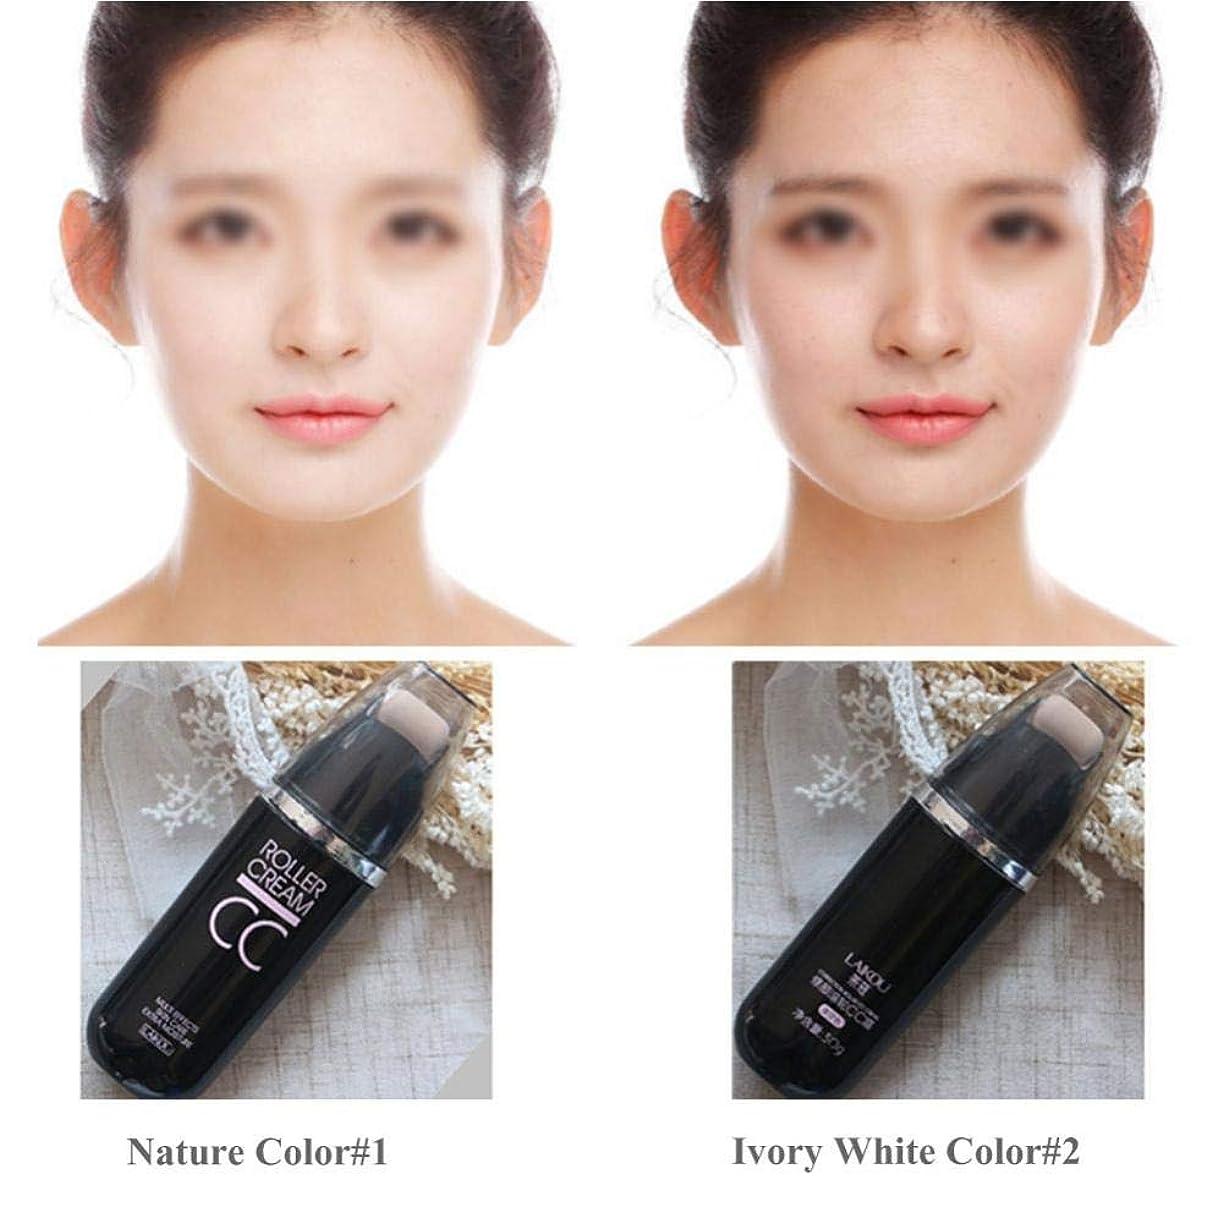 細部酒道路化粧ベース、BBクリームエアクッションBBクリームは肌を明るくし、シミや毛穴を覆い、絶妙な外観を作り出します。防水コンシーラーファンデーション(#2)